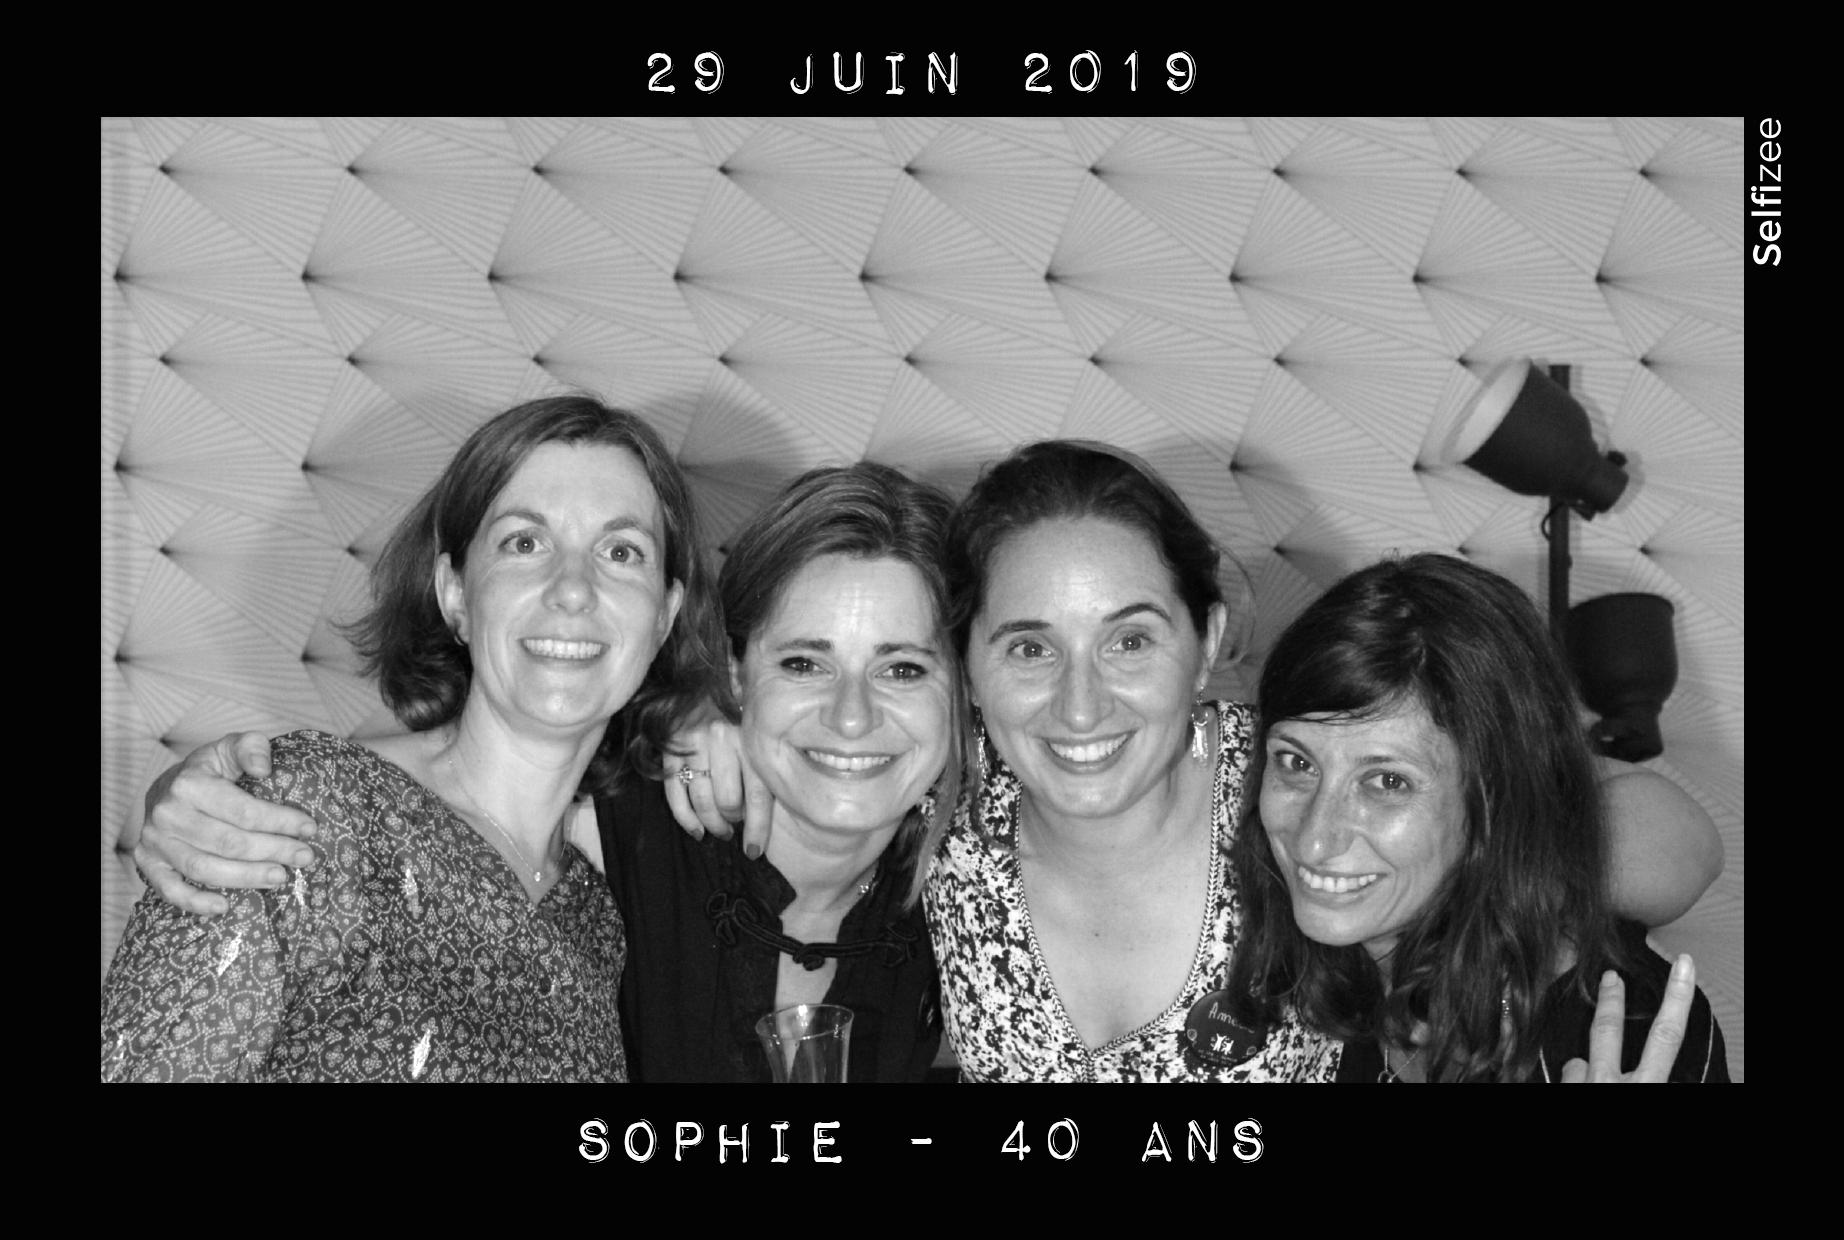 Animation box photo anniversaire Argenteuil avec selfies personnalisés - borne photo à louer Argenteuil / Val d'Oise anniversaire, mariage, baptême, soirée, fête